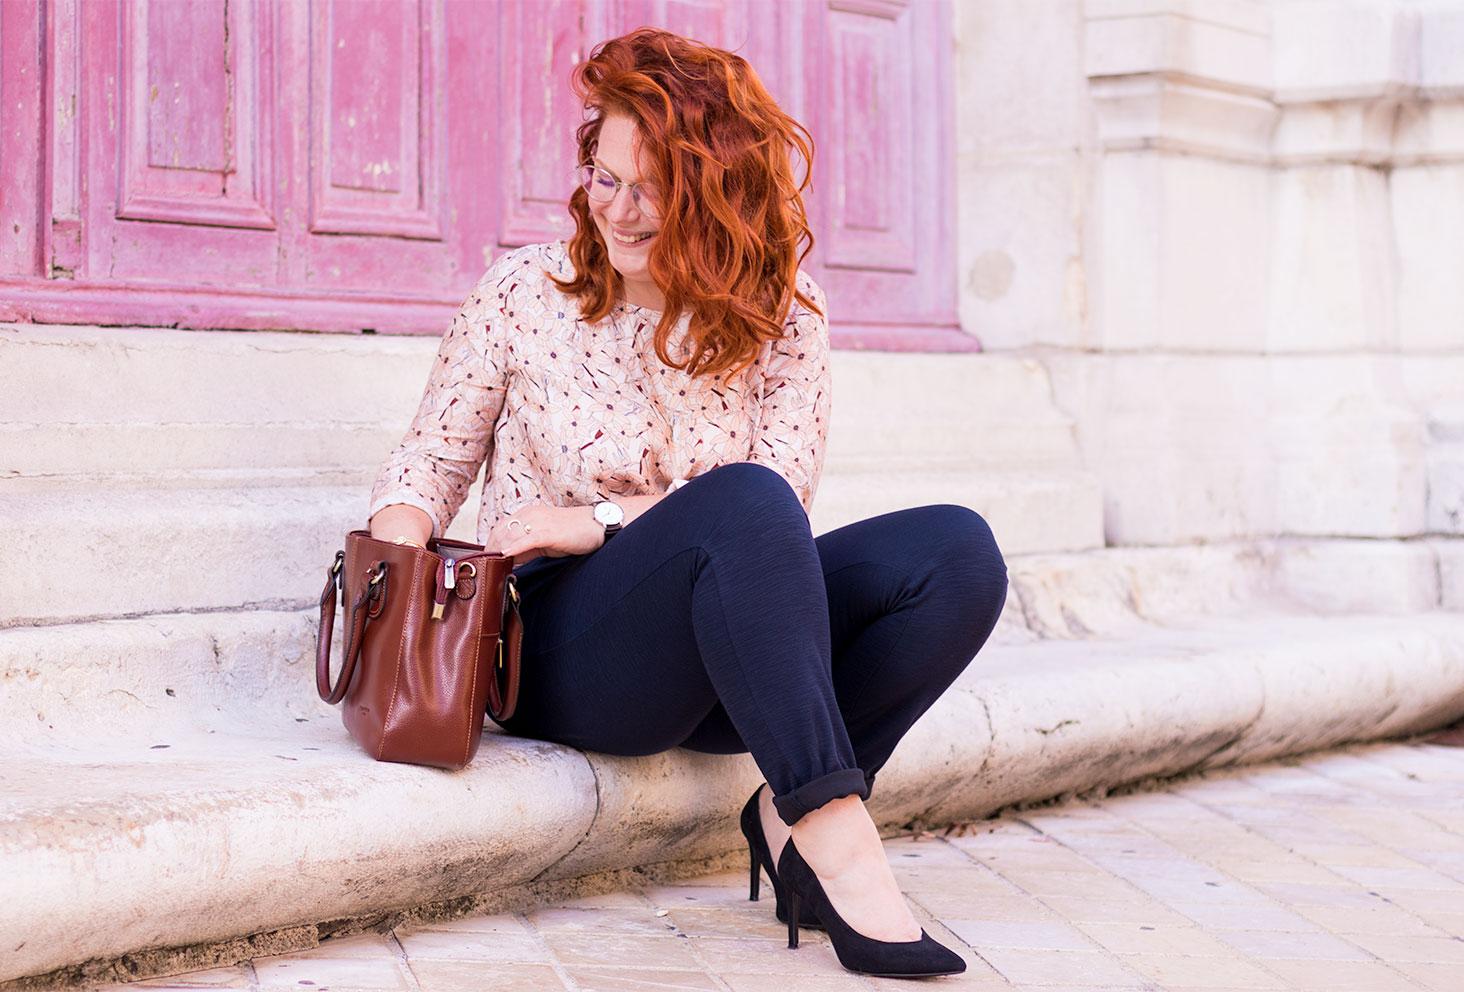 En train de chercher dans le sac marron en cuir Hexagona Paris assise sur des marches en vieilles pierres avec les cheveux roux très bouclés